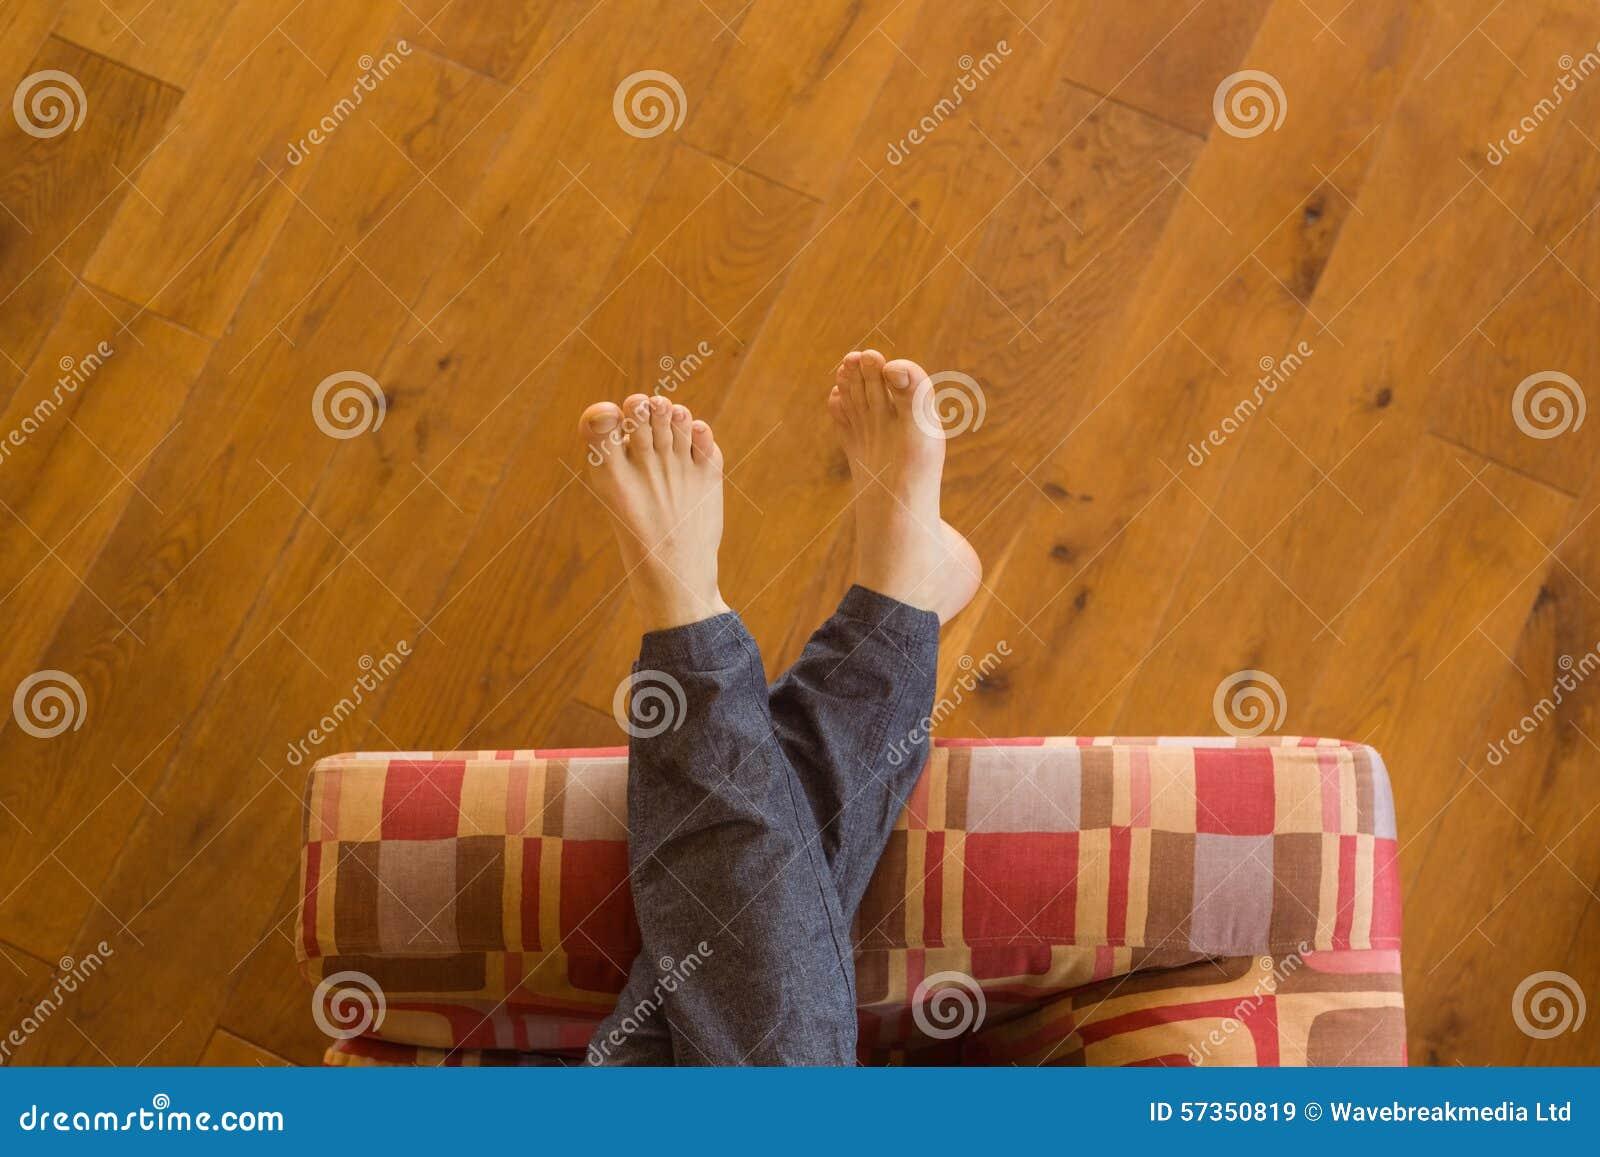 Equipa os pés no sofá